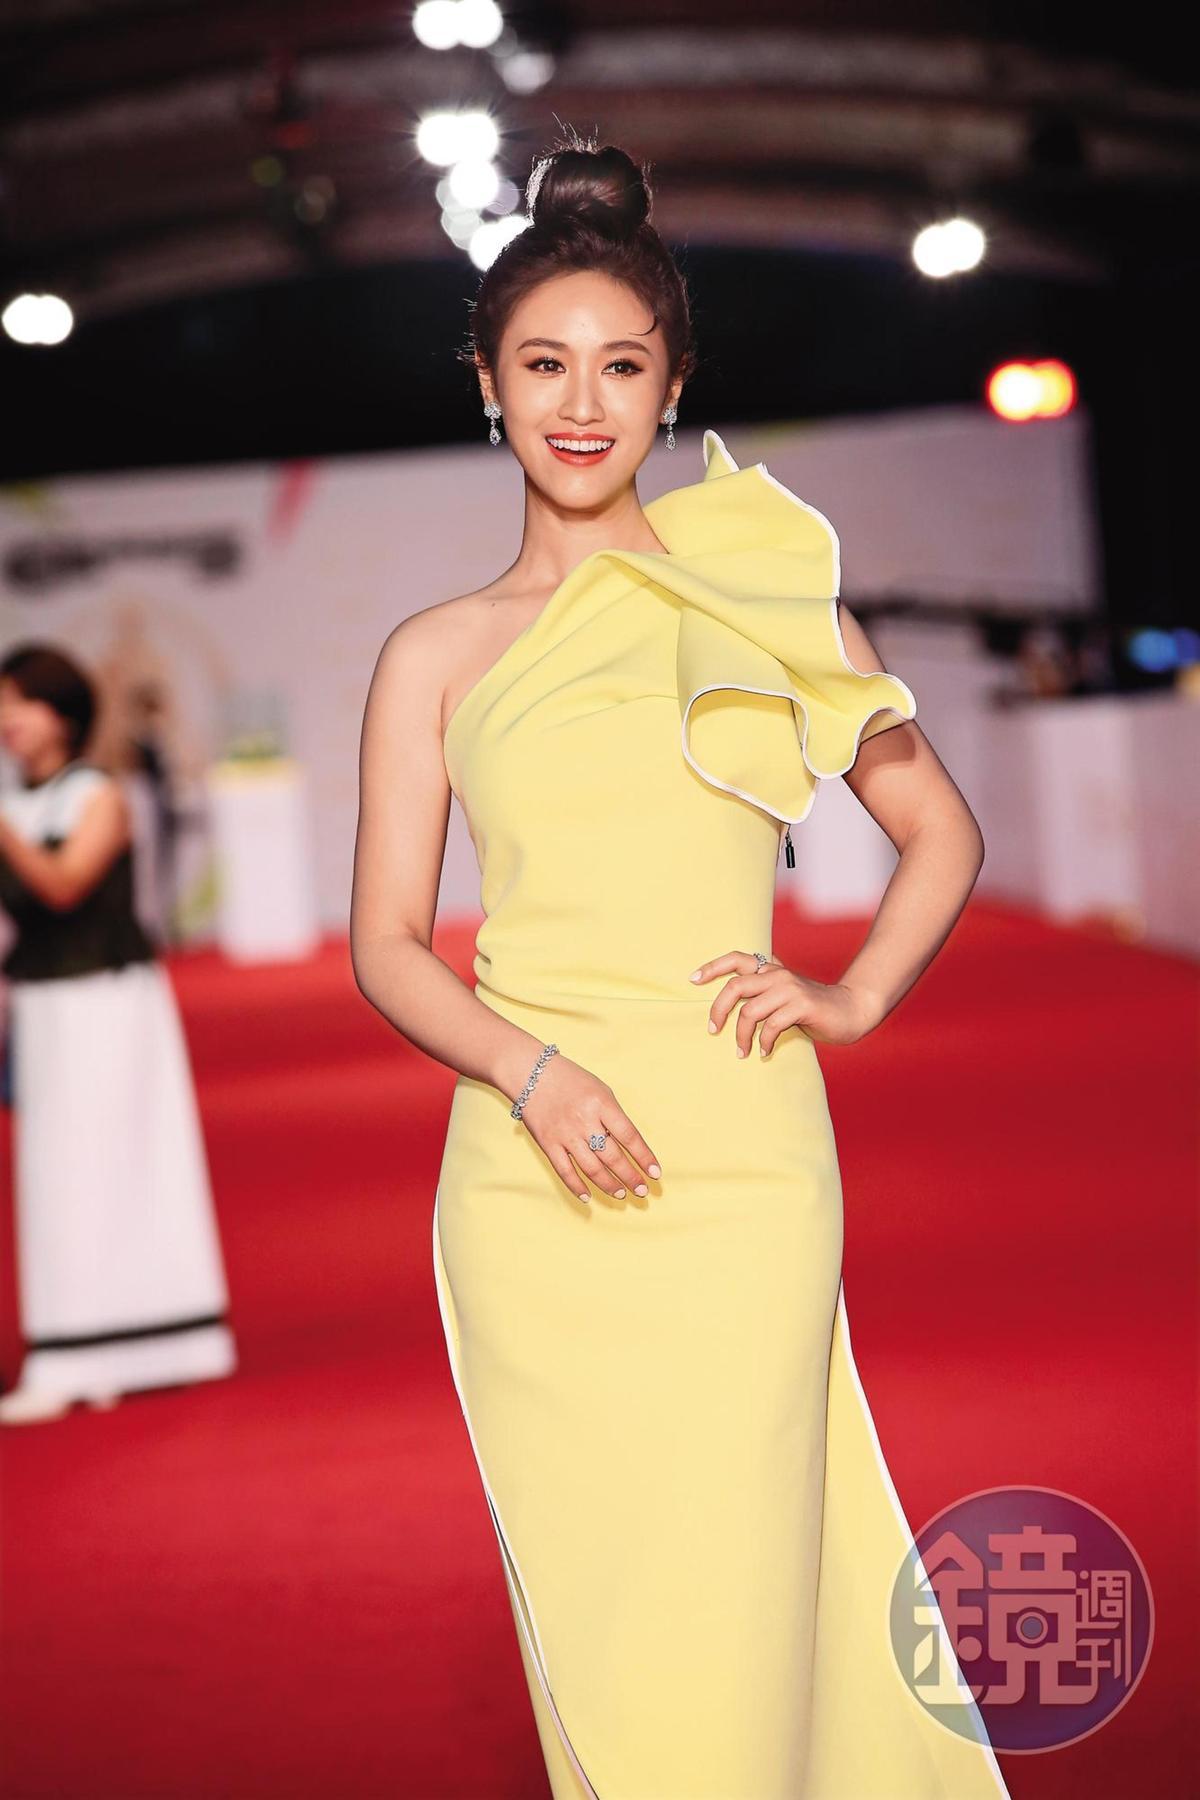 吳姍儒去年工作滿檔,並受邀出席第55屆電視金鐘獎。